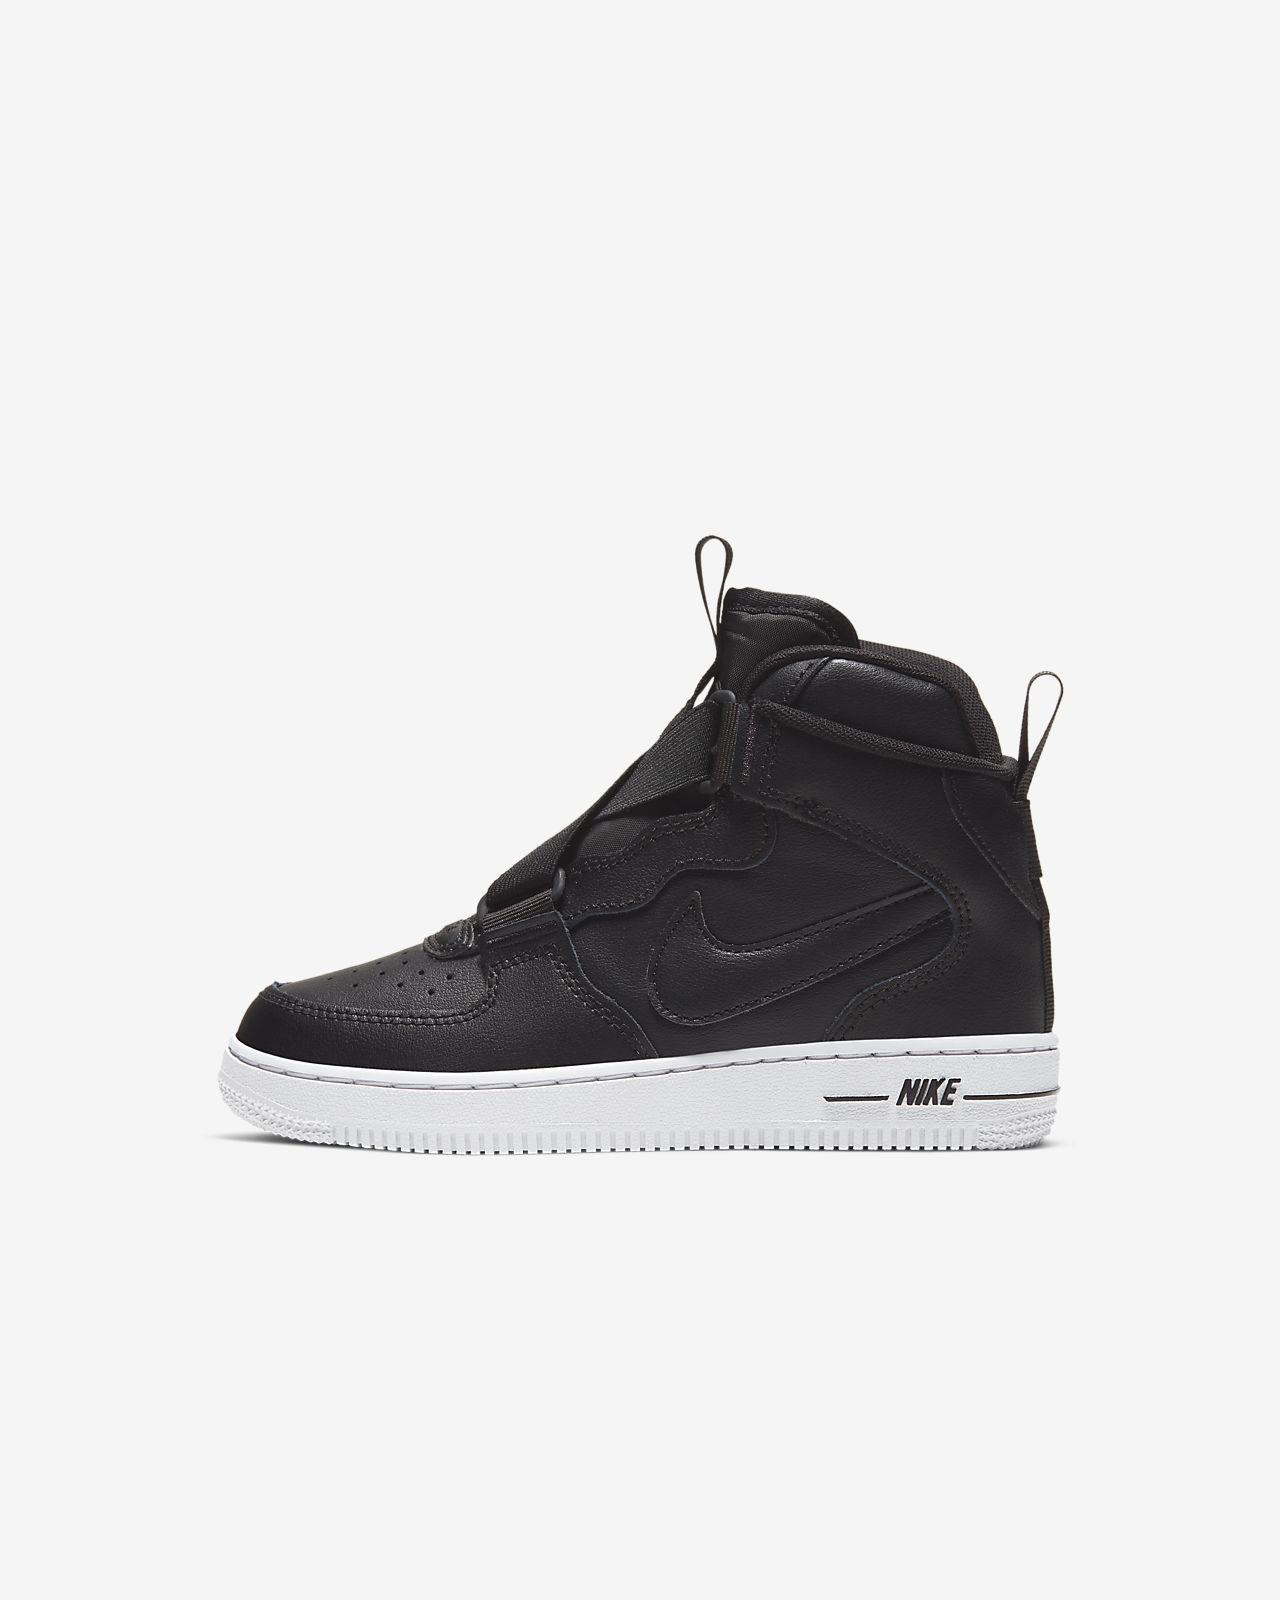 Παπούτσι Nike Force 1 Highness για μικρά παιδιά